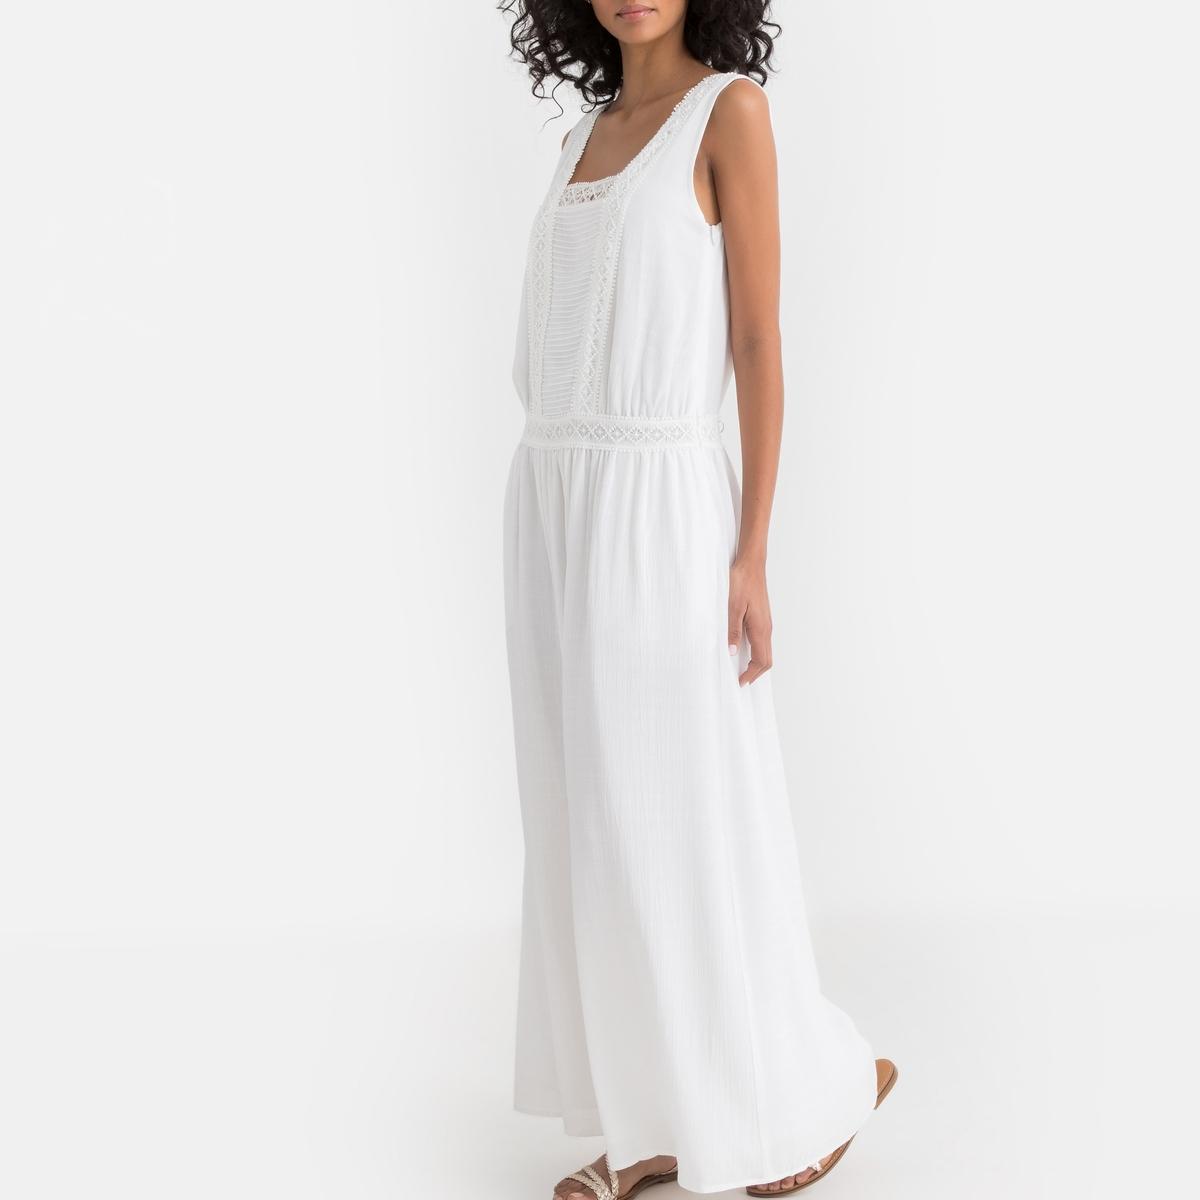 Платье La Redoute Свадебное длинное 42 (FR) - 48 (RUS) бежевый свадебное платье zsc 100pthd lygh29